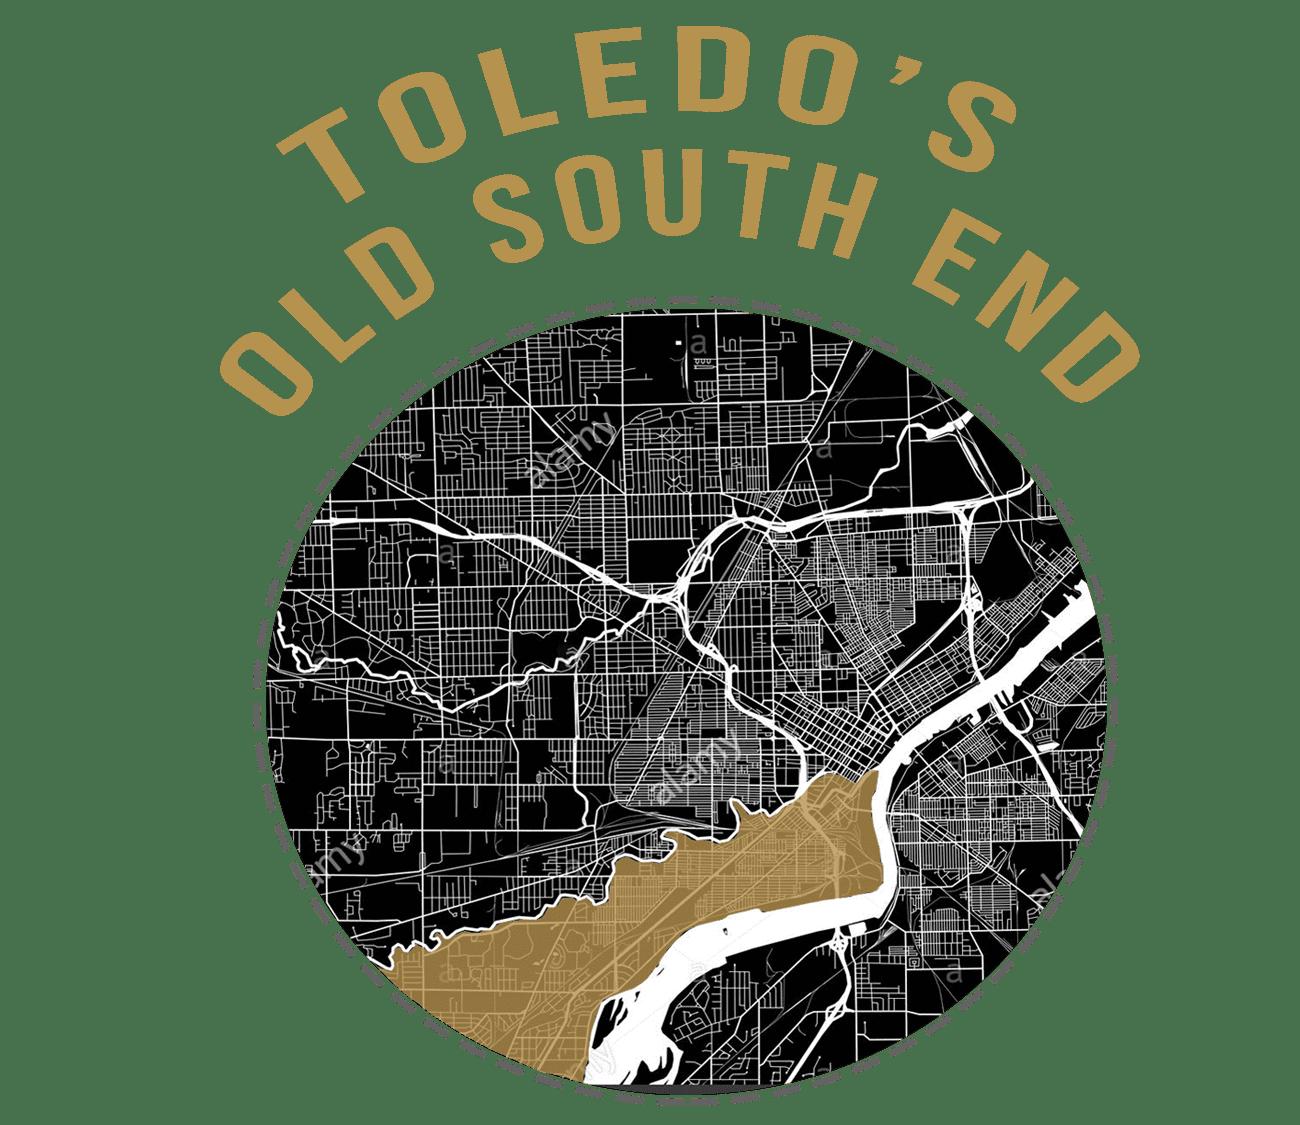 S Toledo map